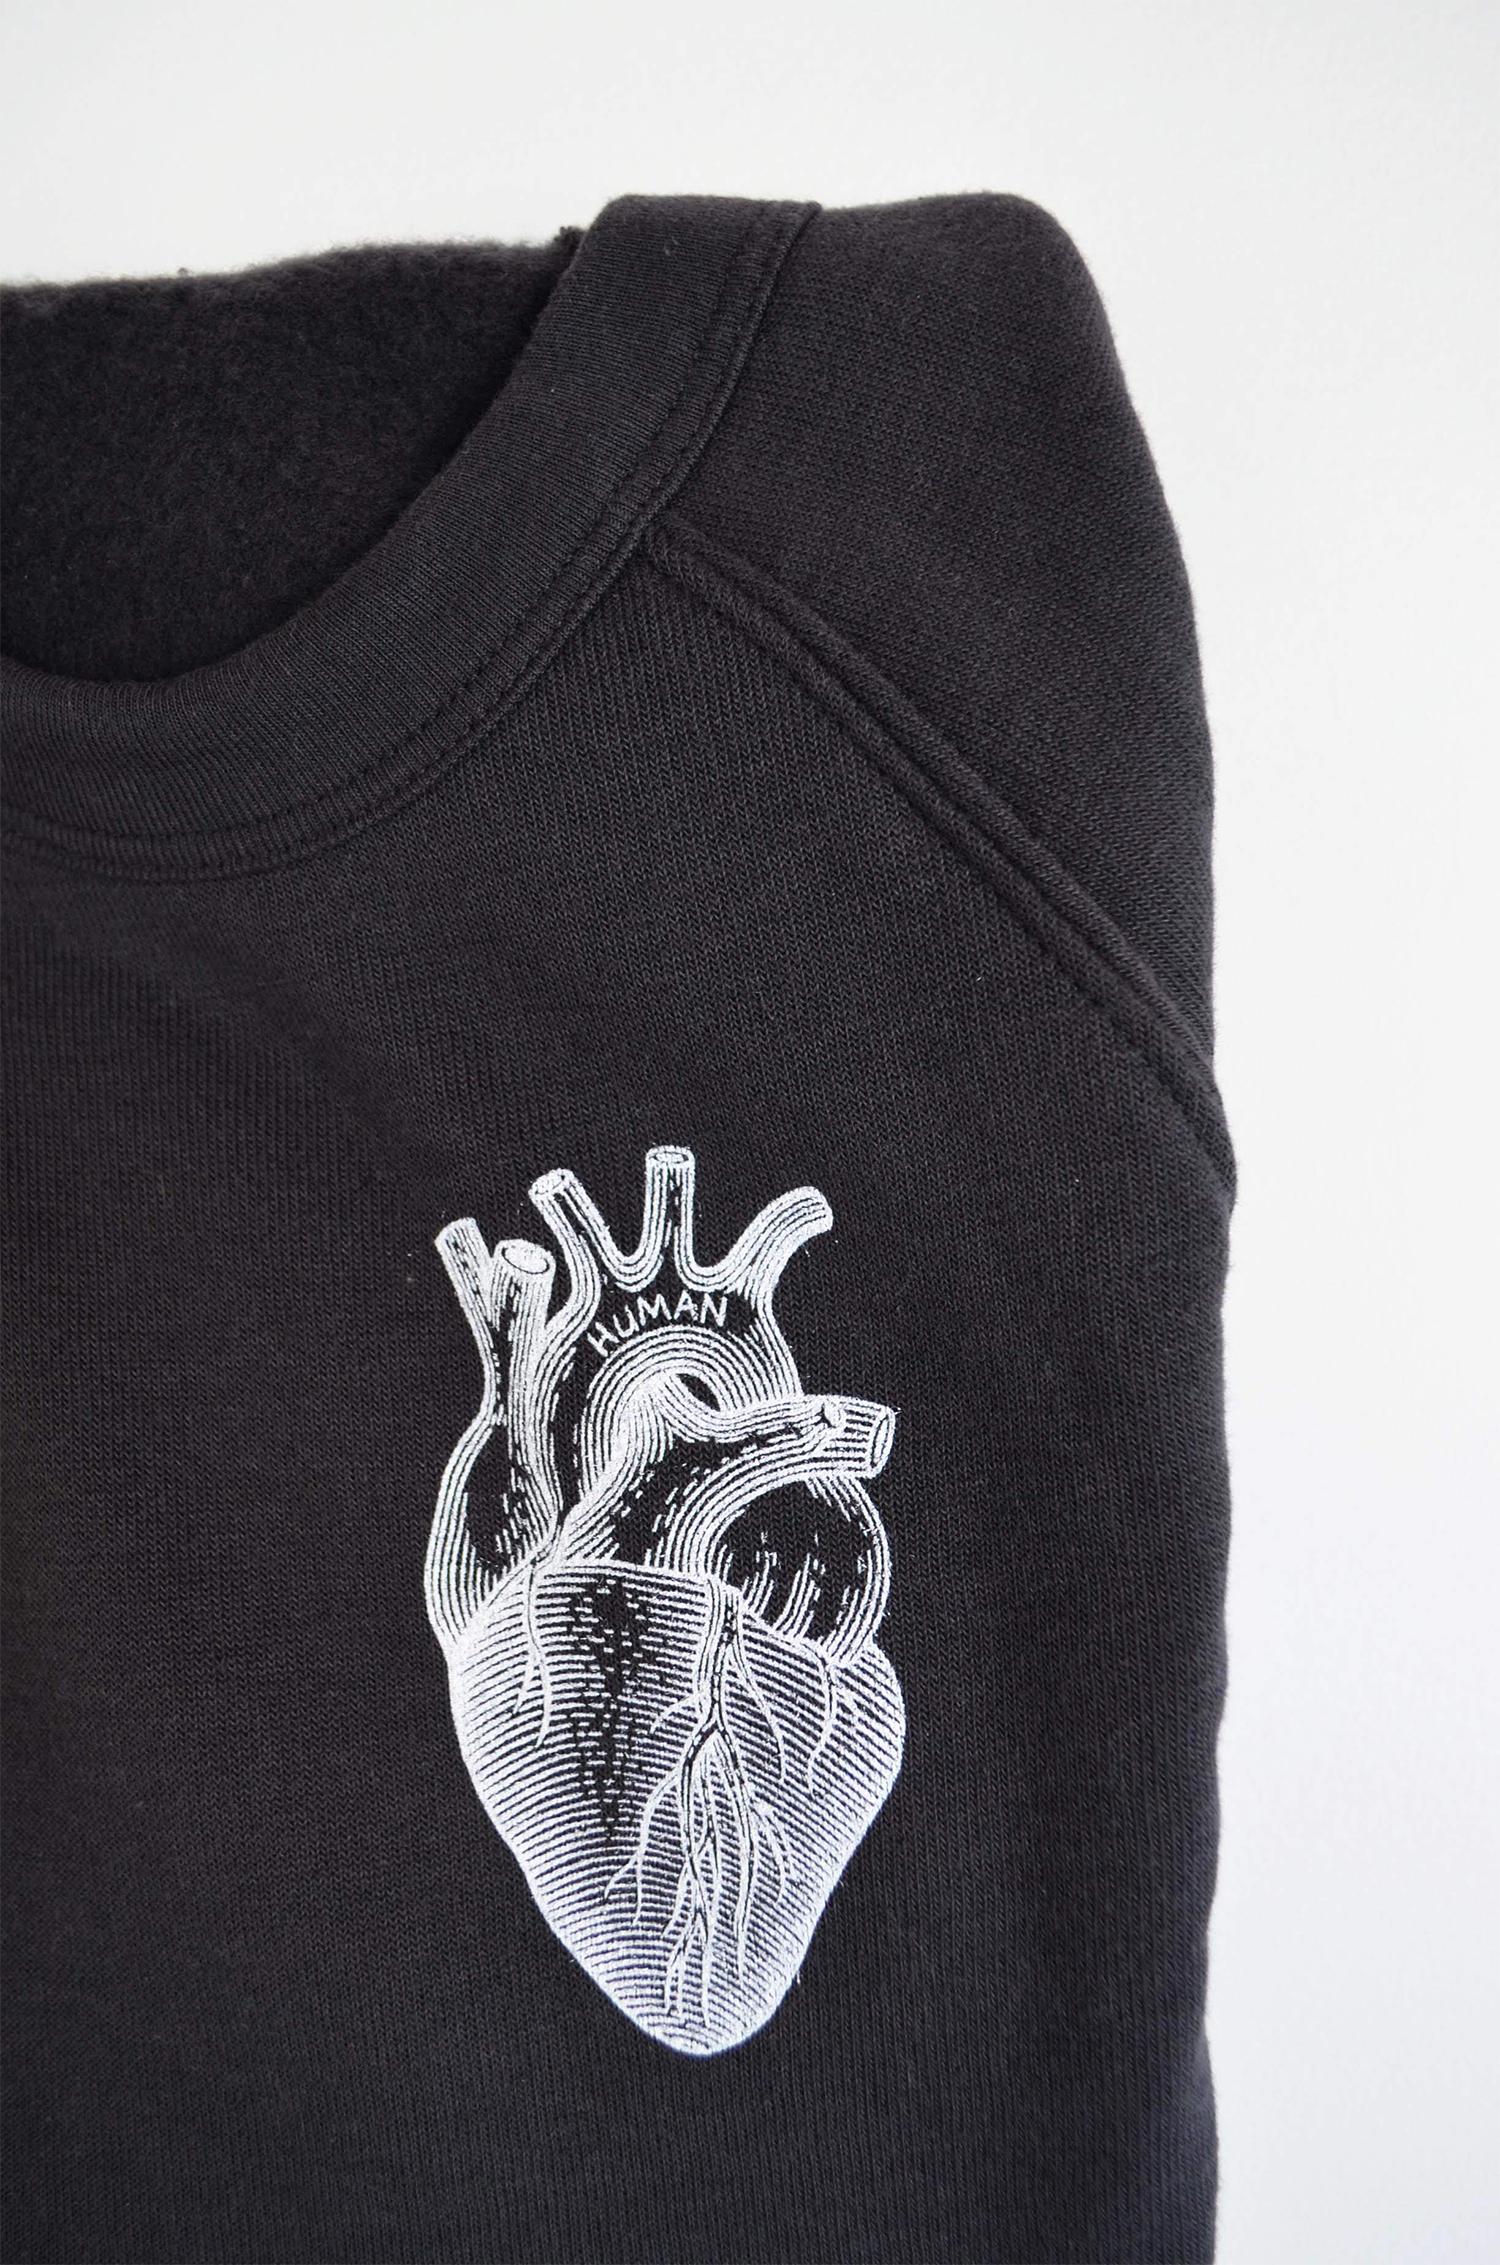 human sweatshirt.jpg